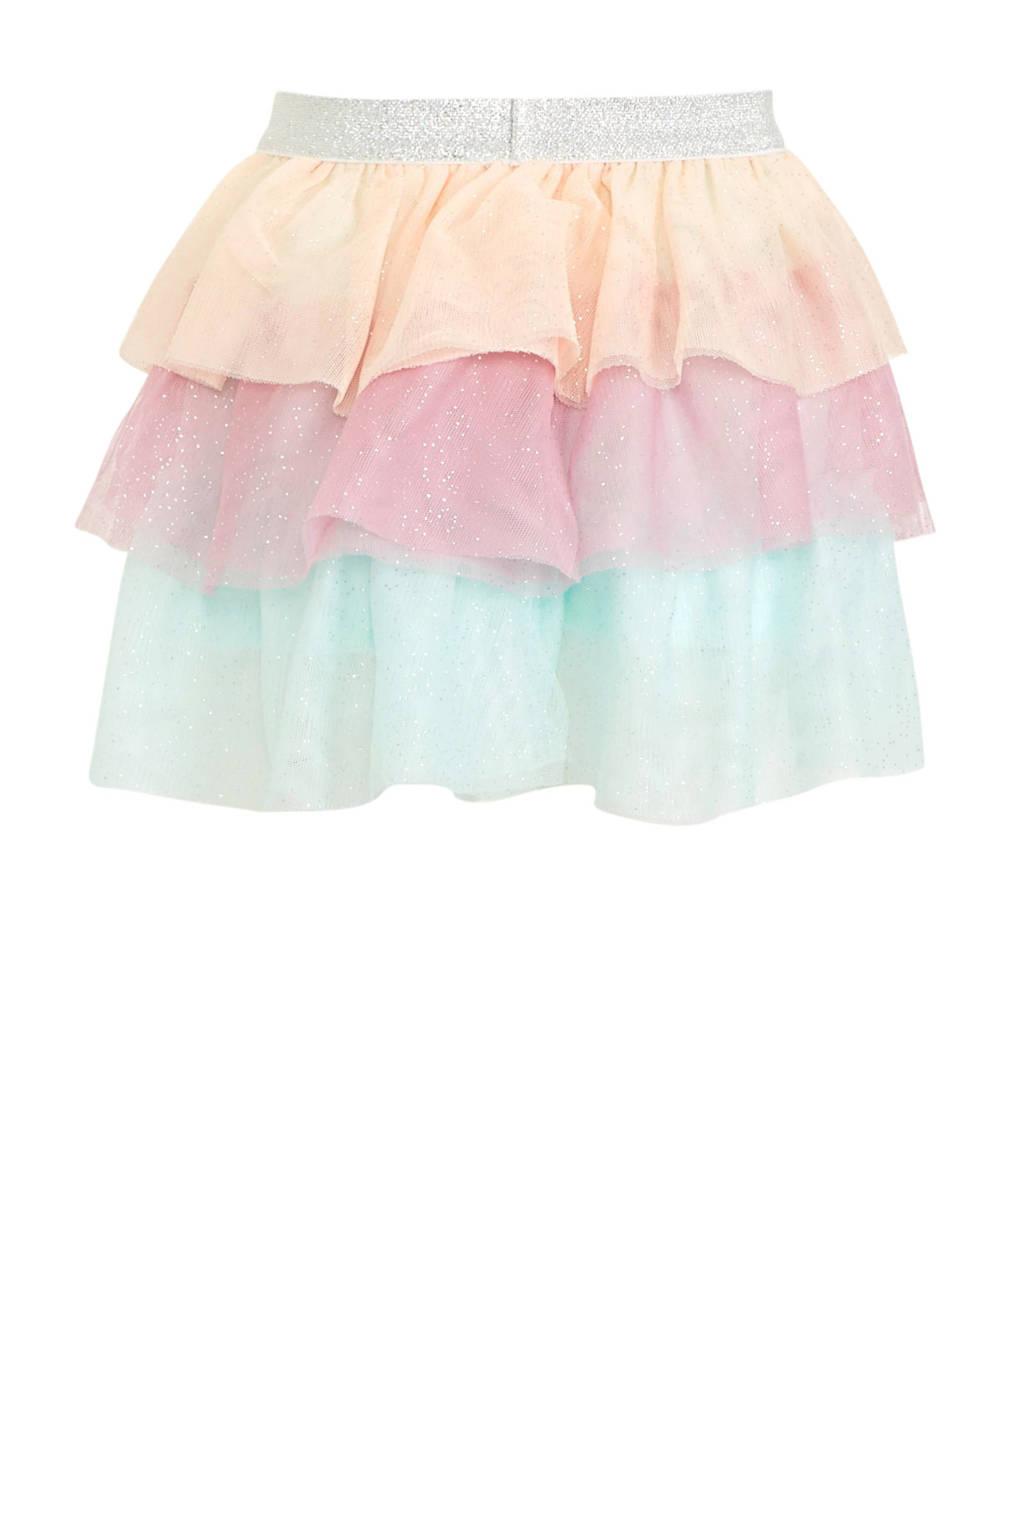 C&A Palomino rok met glitters roze/mintgroen/oranje, Roze/mintgroen/oranje